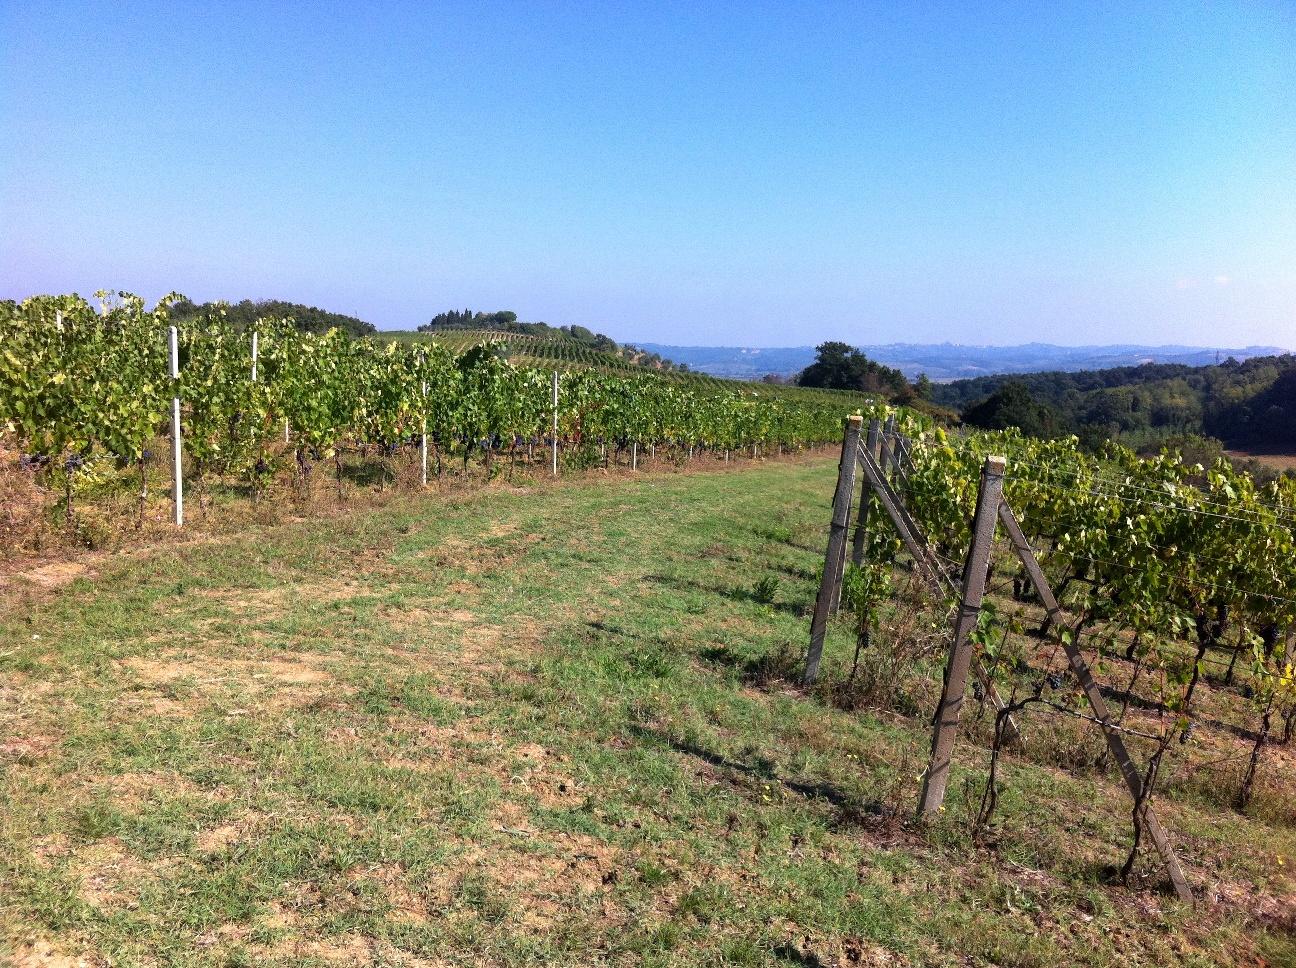 Vineyards after the harvest